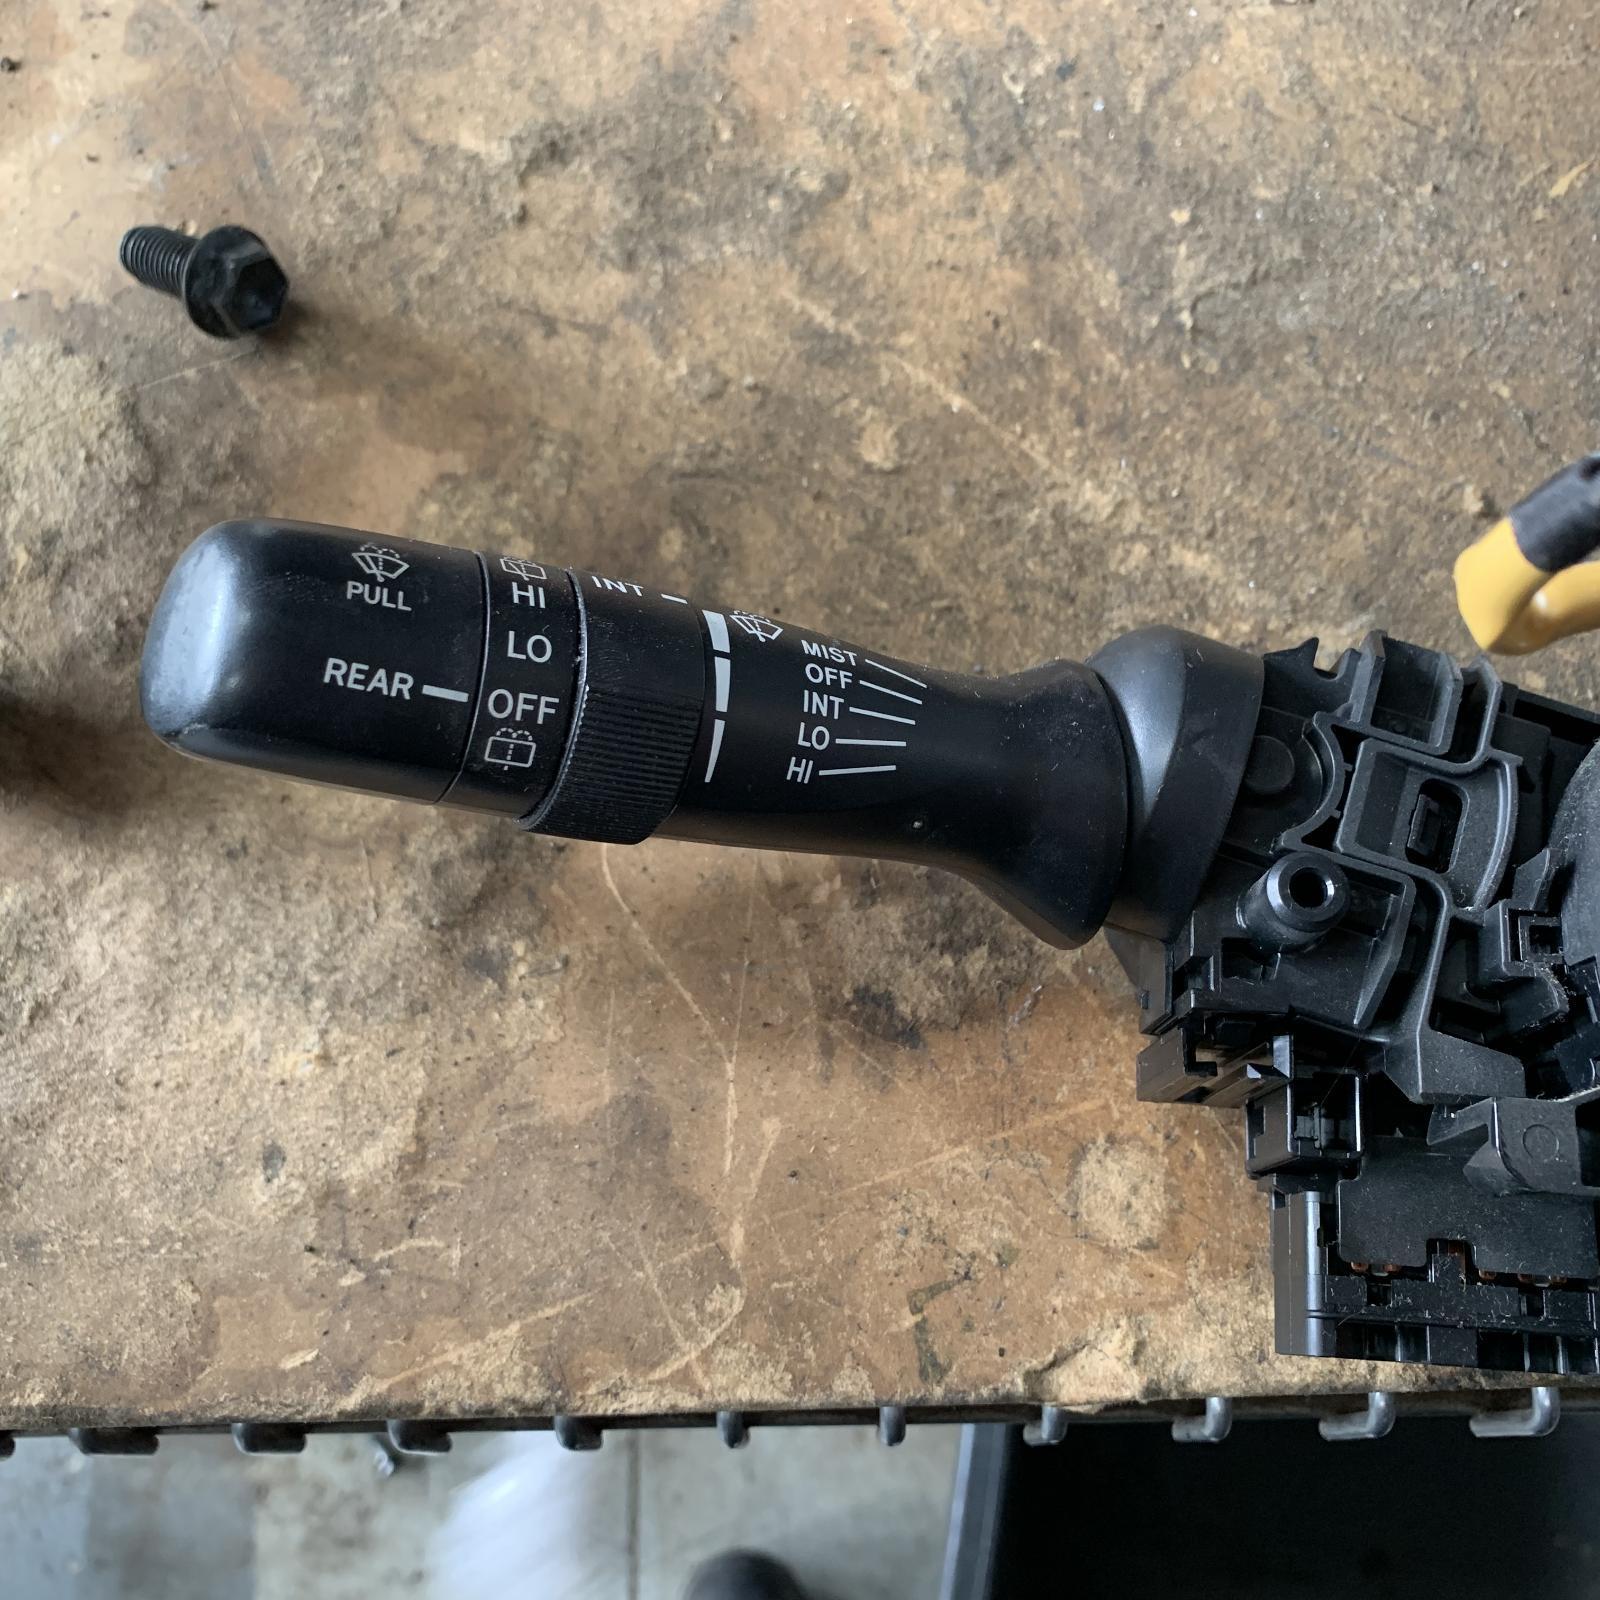 TOYOTA COROLLA, Combination Switch, WIPER SWITCH, ZRE152/153R, NON RAIN SENSOR TYPE, 03/07-10/13